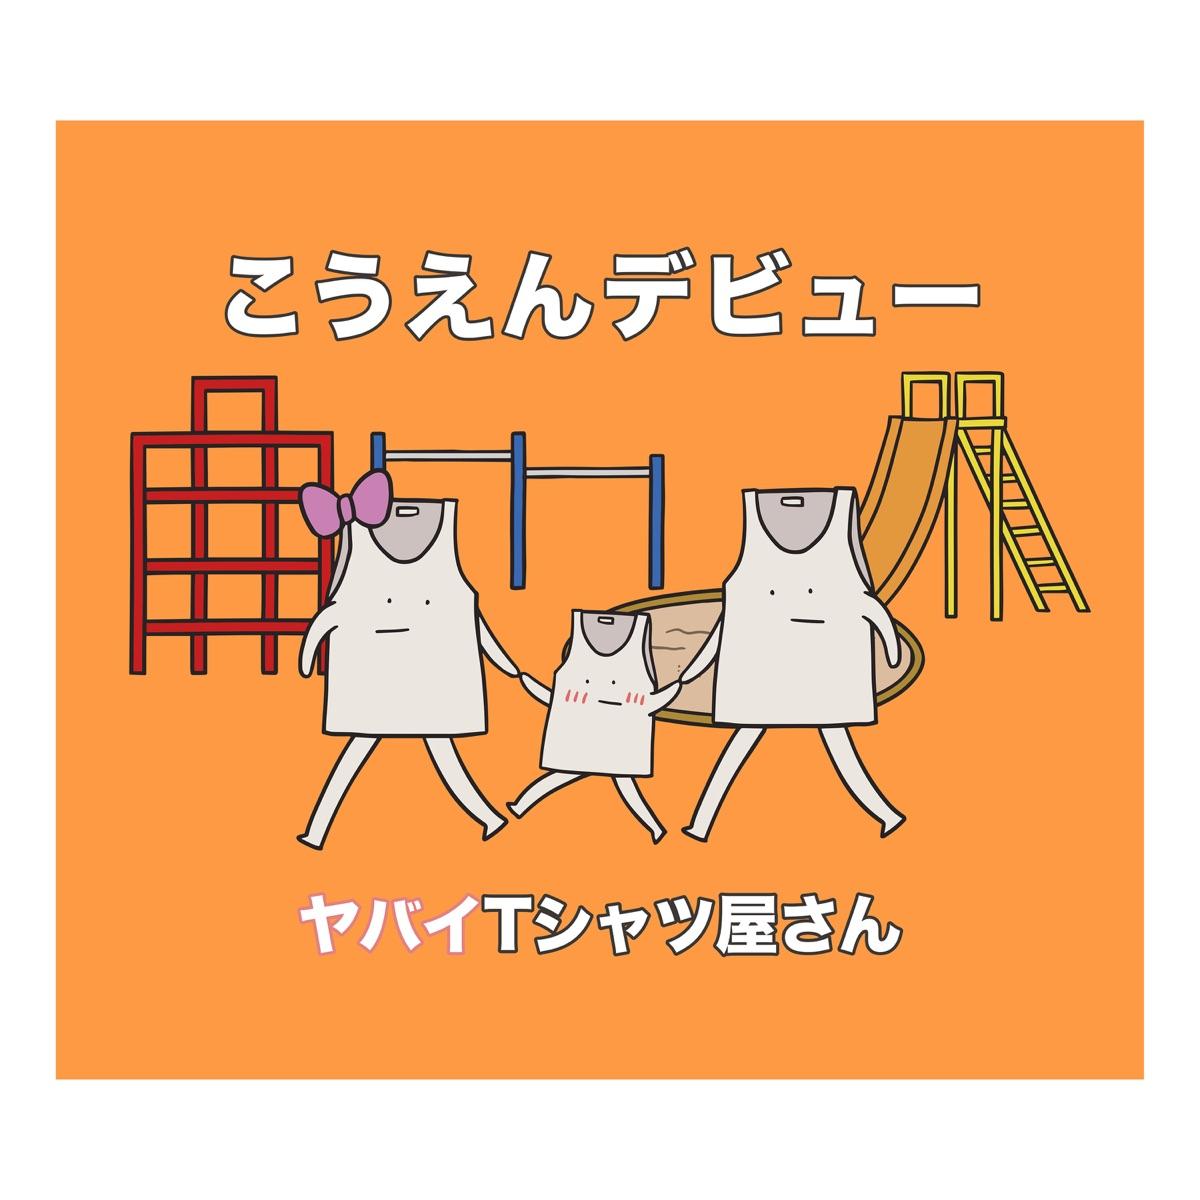 『ヤバイTシャツ屋さん - 2月29日』収録の『こうえんデビュー』ジャケット